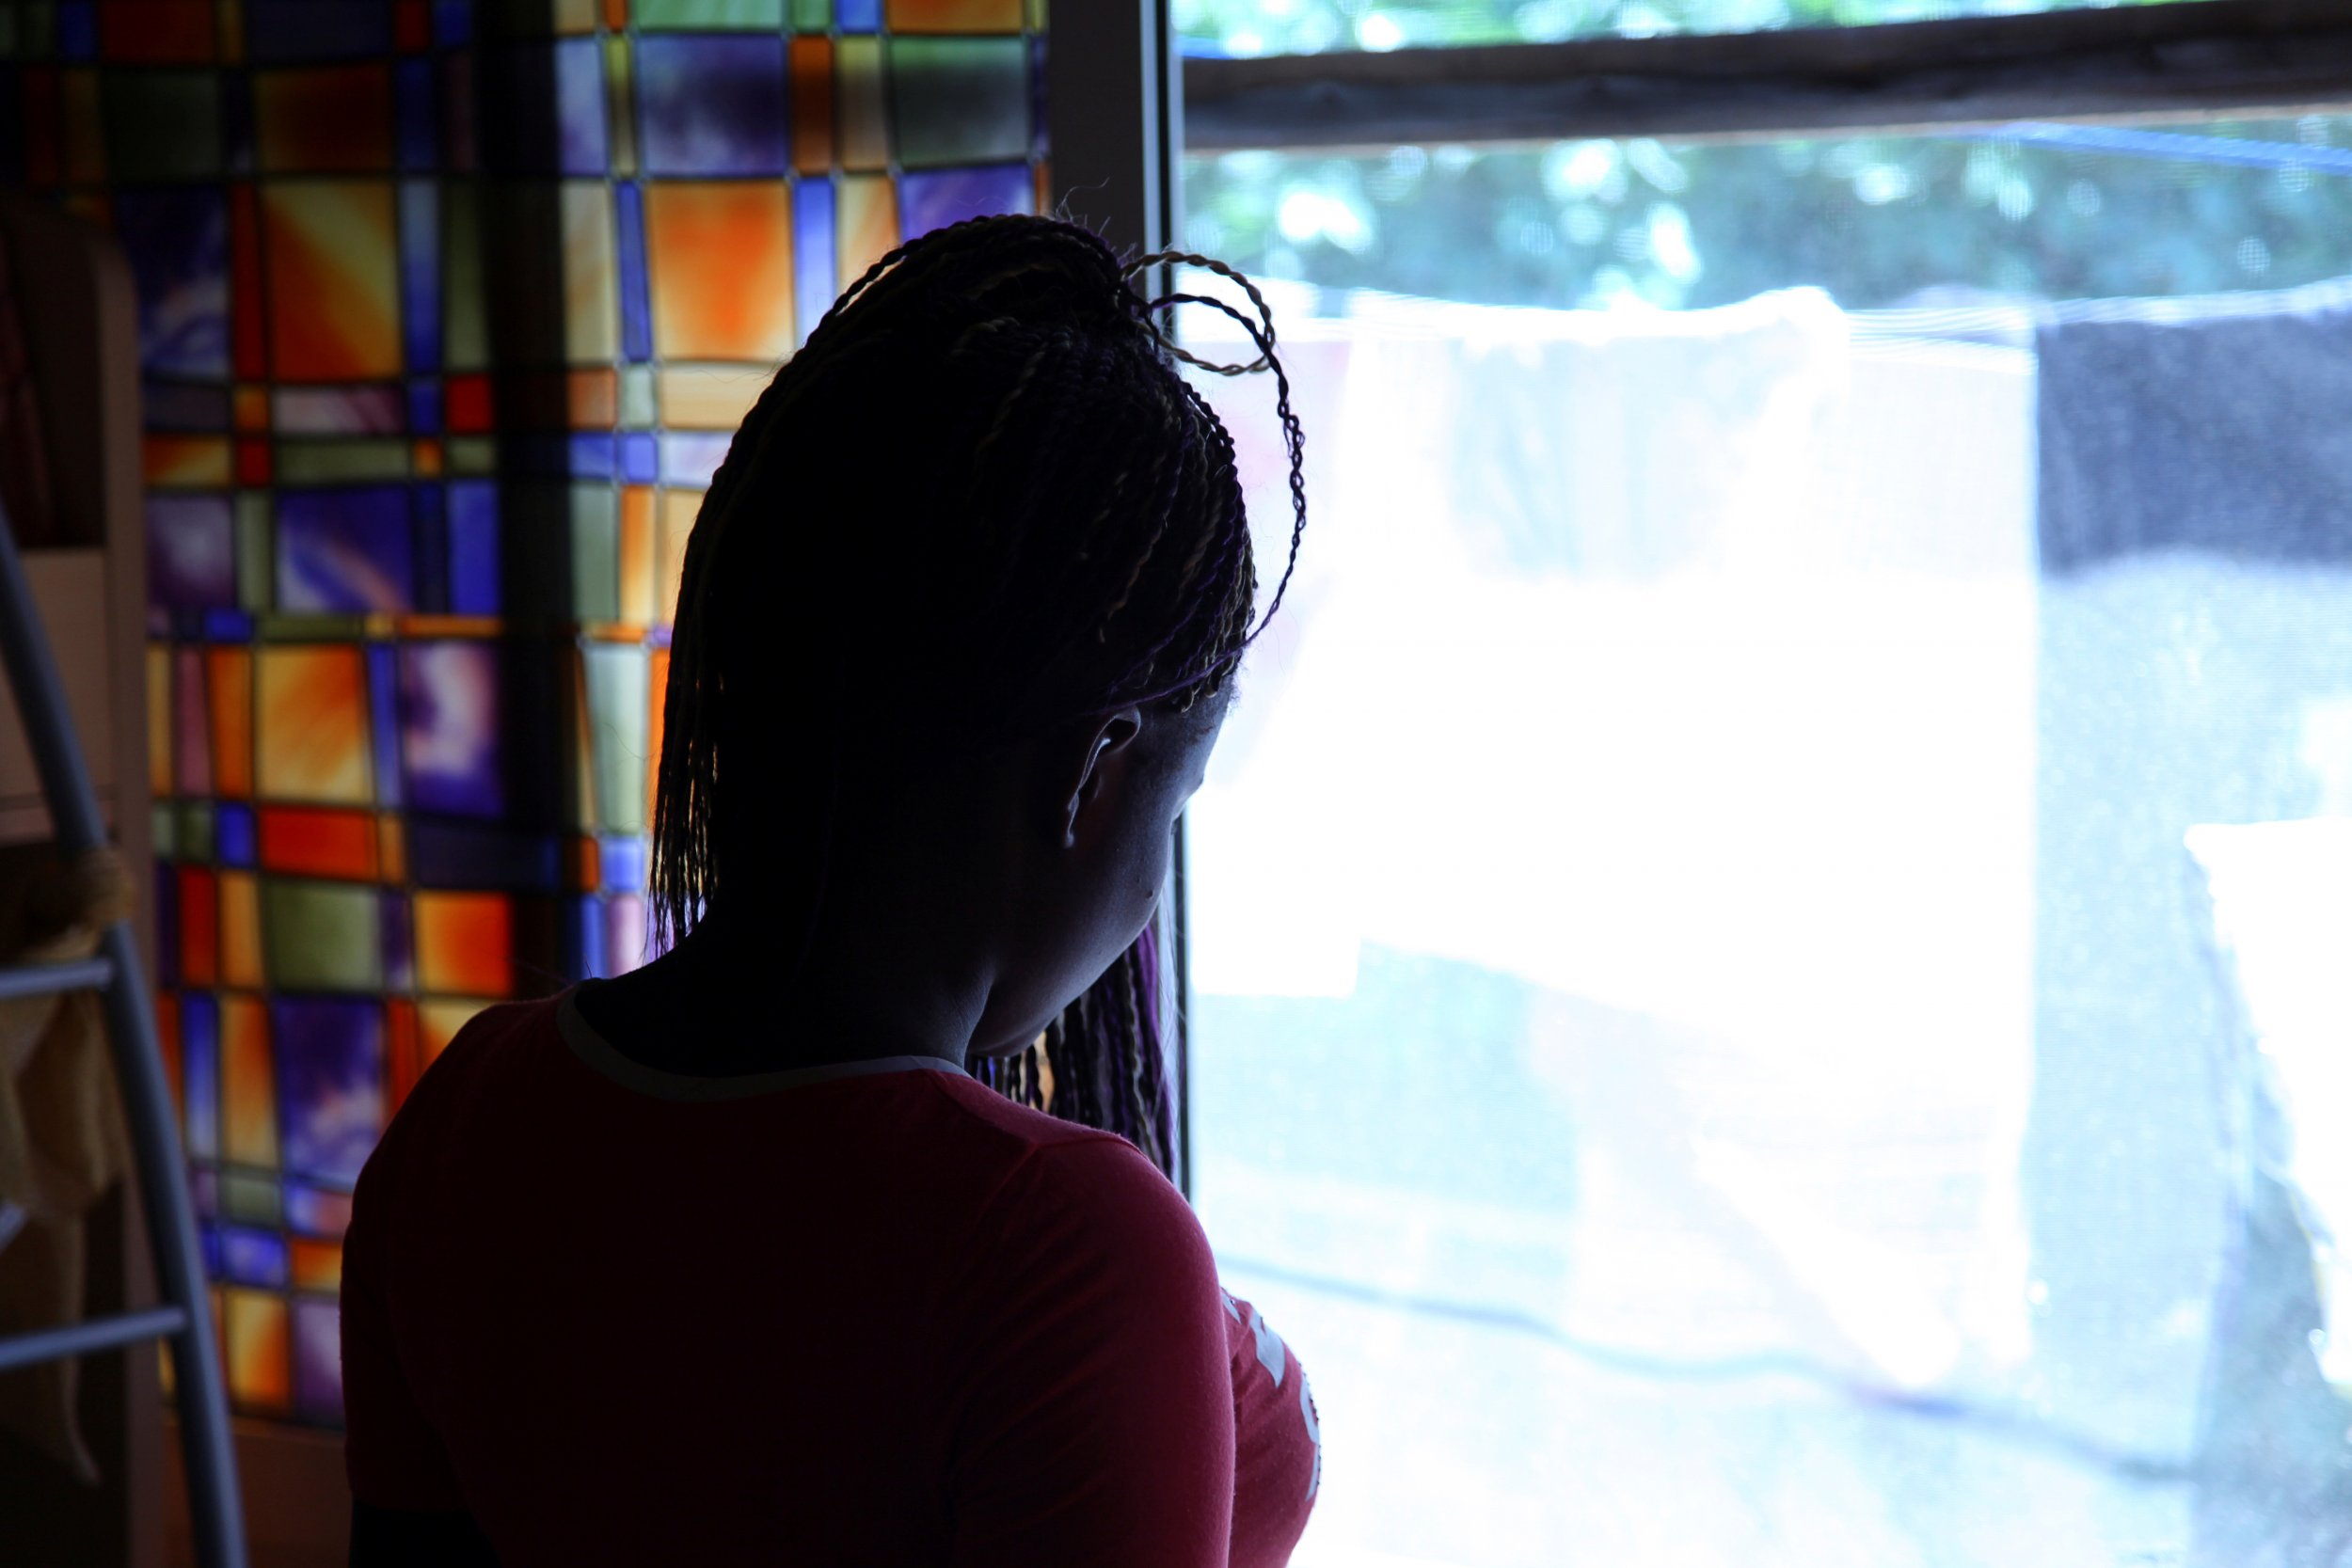 Nigerian ex-prostitute in Sicily